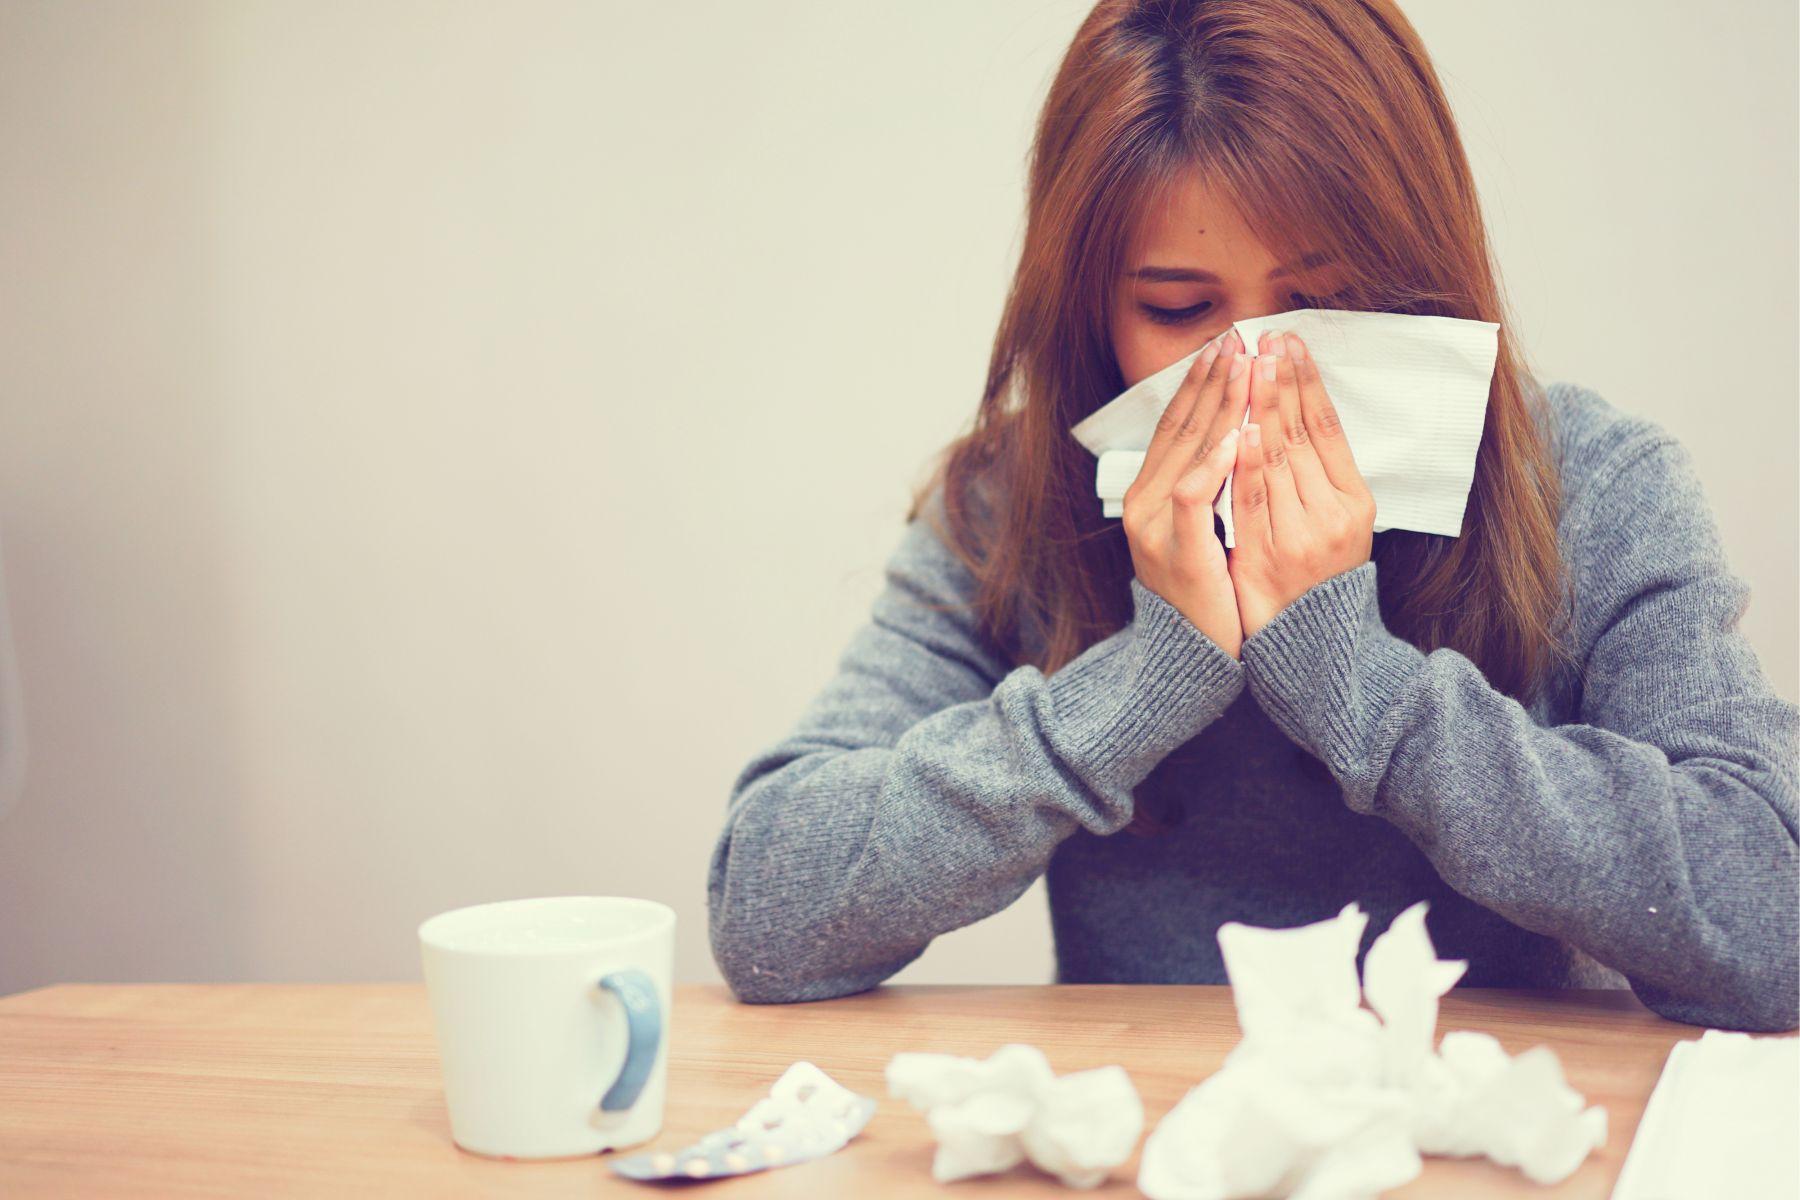 鼻塞竟是癌症害的嗎?感冒、鼻竇炎咳痰或擤鼻涕時,出現血絲症狀小心是鼻咽癌